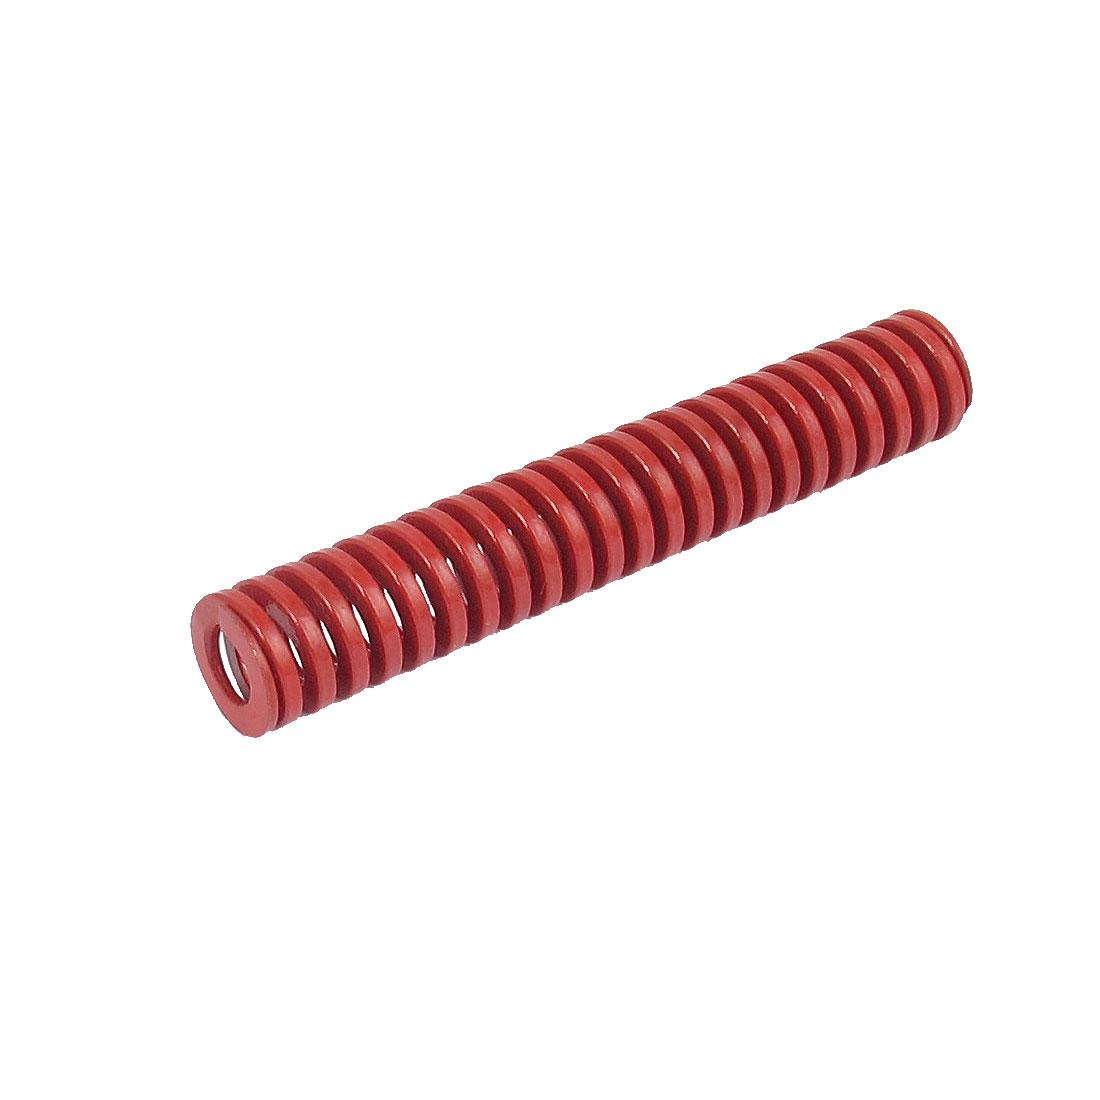 12mmx70mm Chromium Alloy Steel Medium Load Die Spring Red